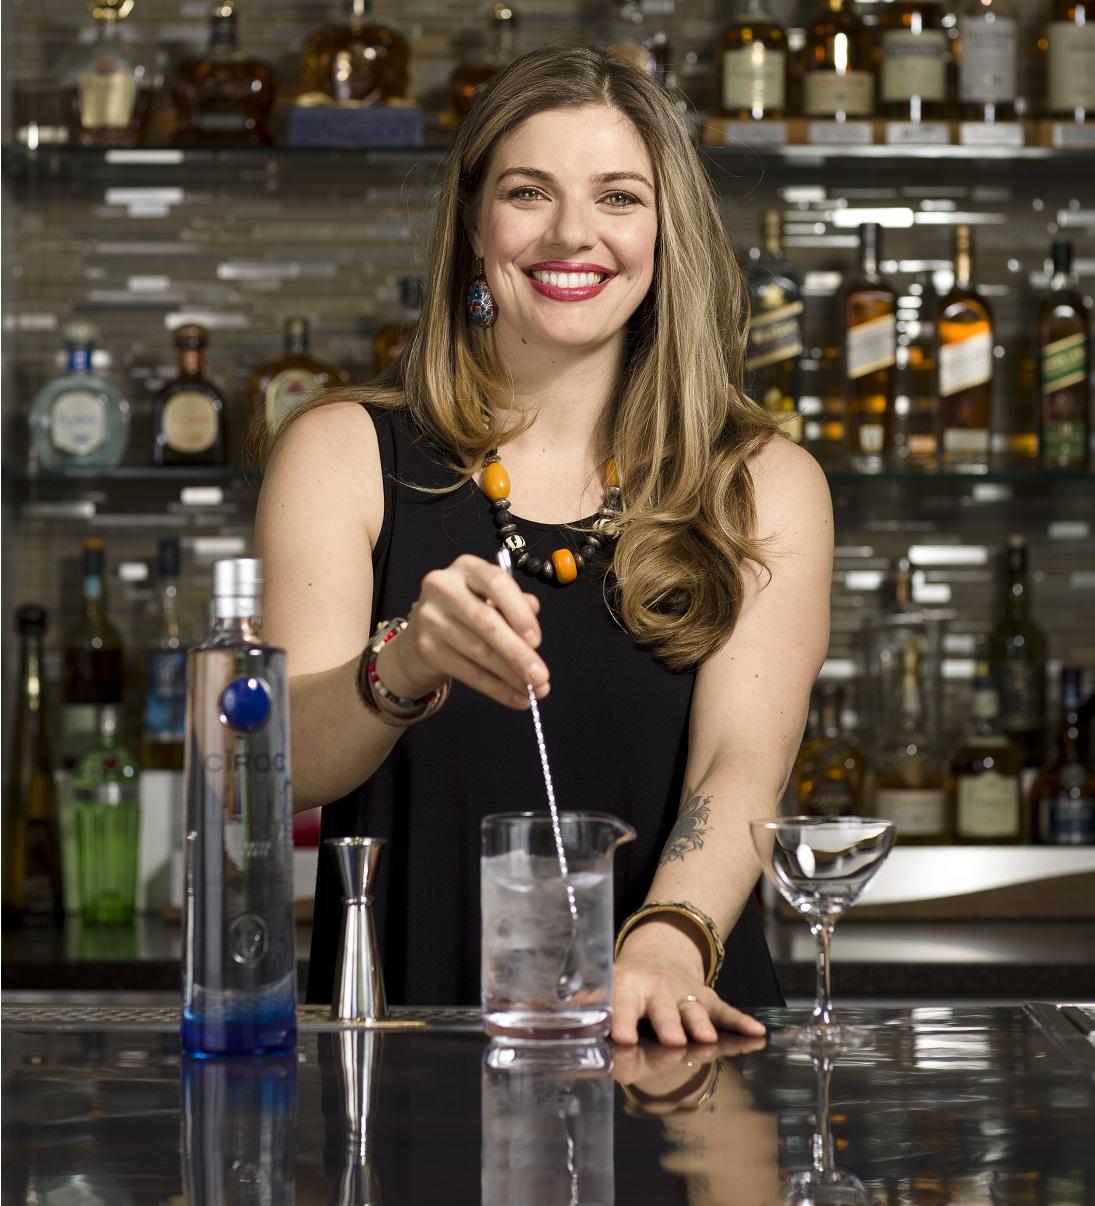 De gastronomía y coctelería: Asistimos a una clase magistral con Lauren Mote